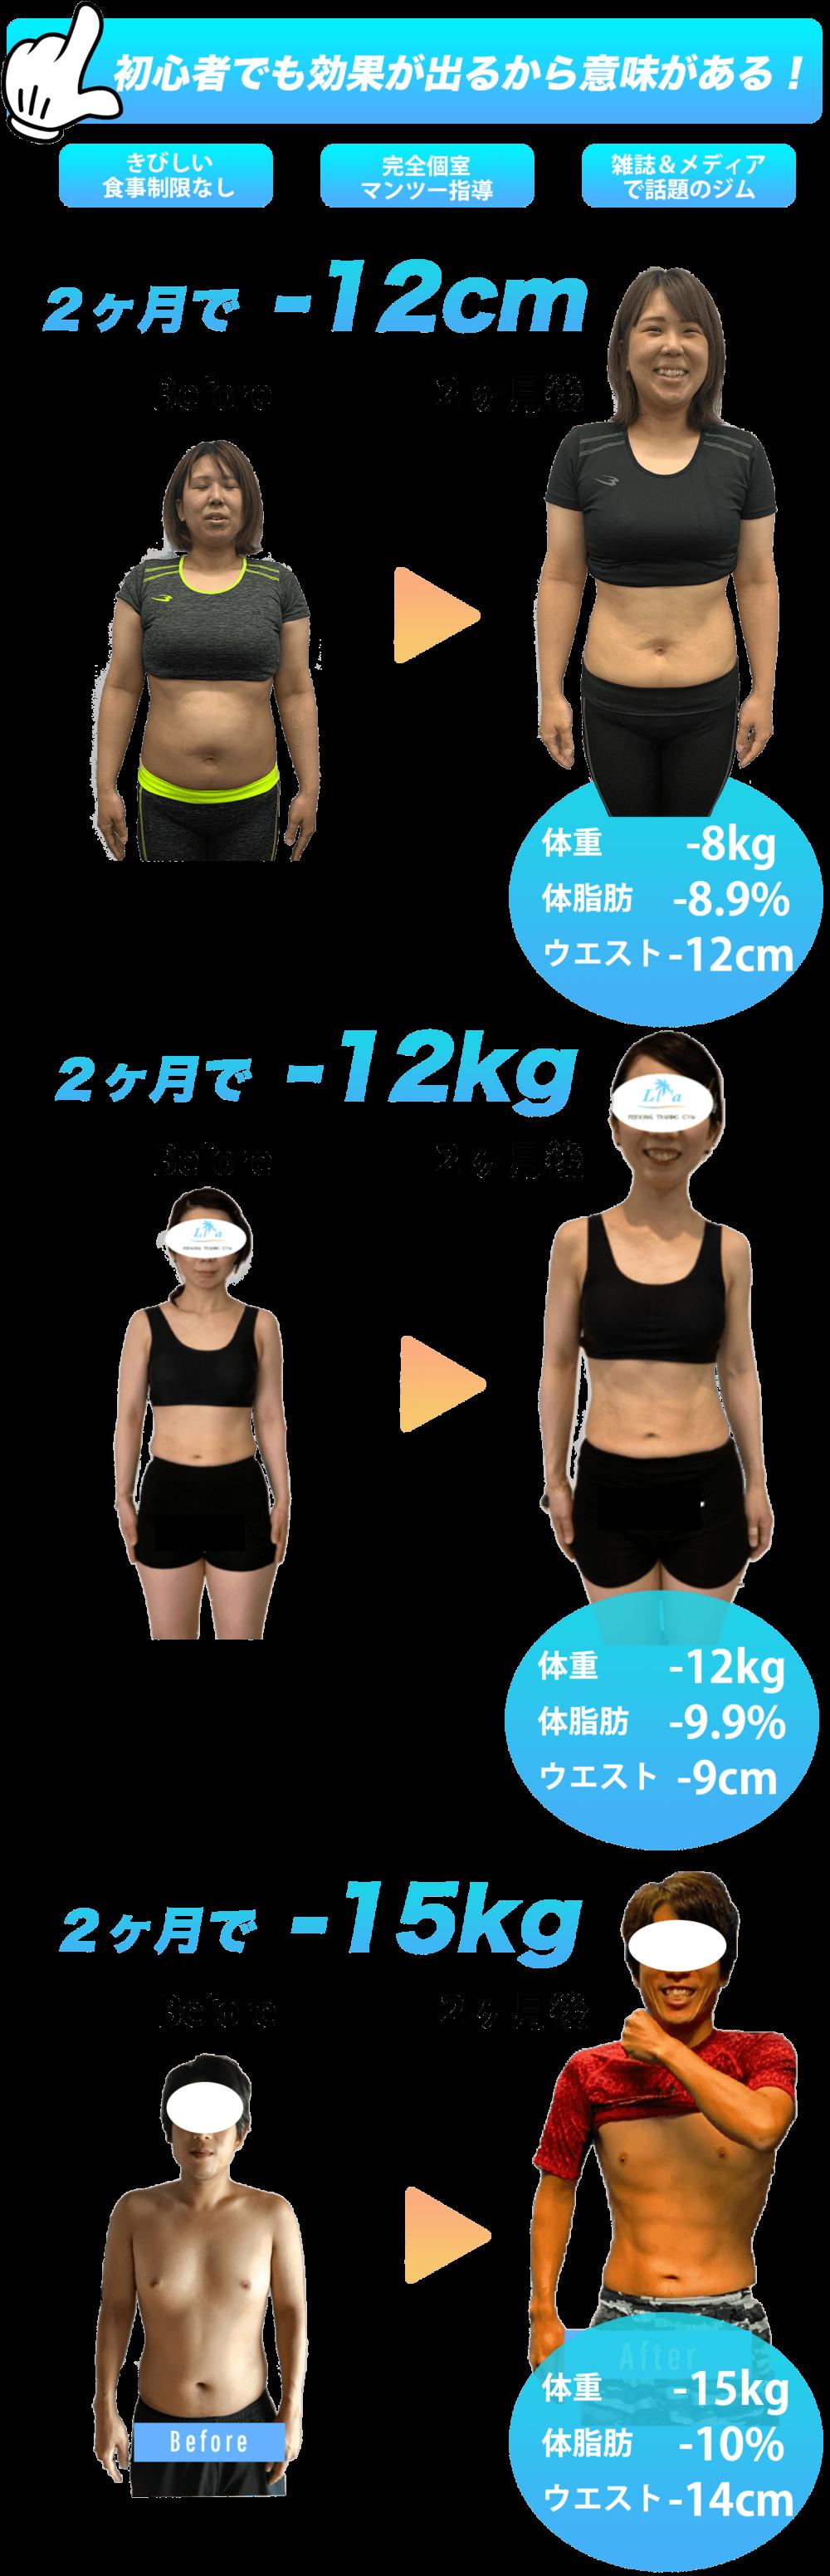 天白区パーソナルジム ビフォーアフター写真 ウエスト-12cm、体重-8,8kg マンツーマン指導、完全プライベート空間、厳しい食事制限なし